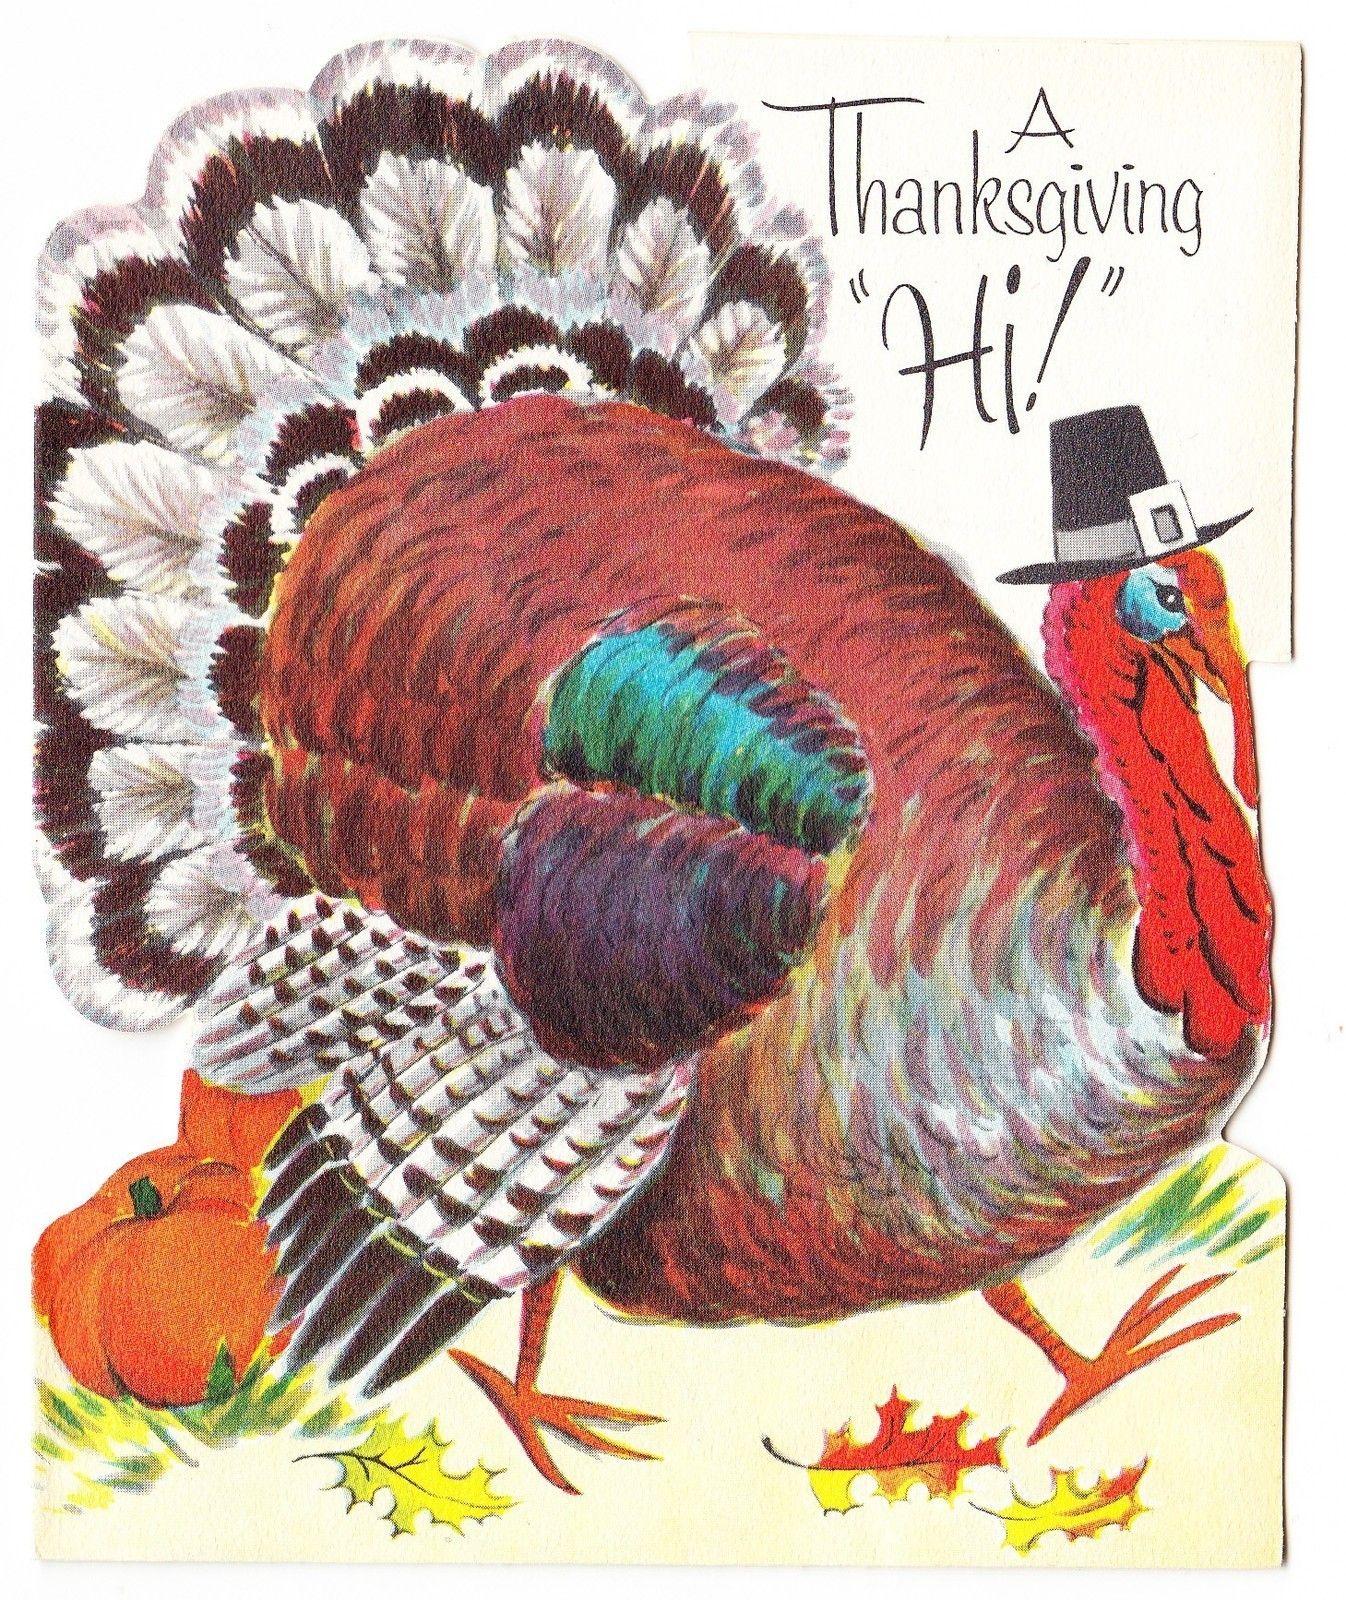 Vintage Turkey Dressed Like A Pilgrim